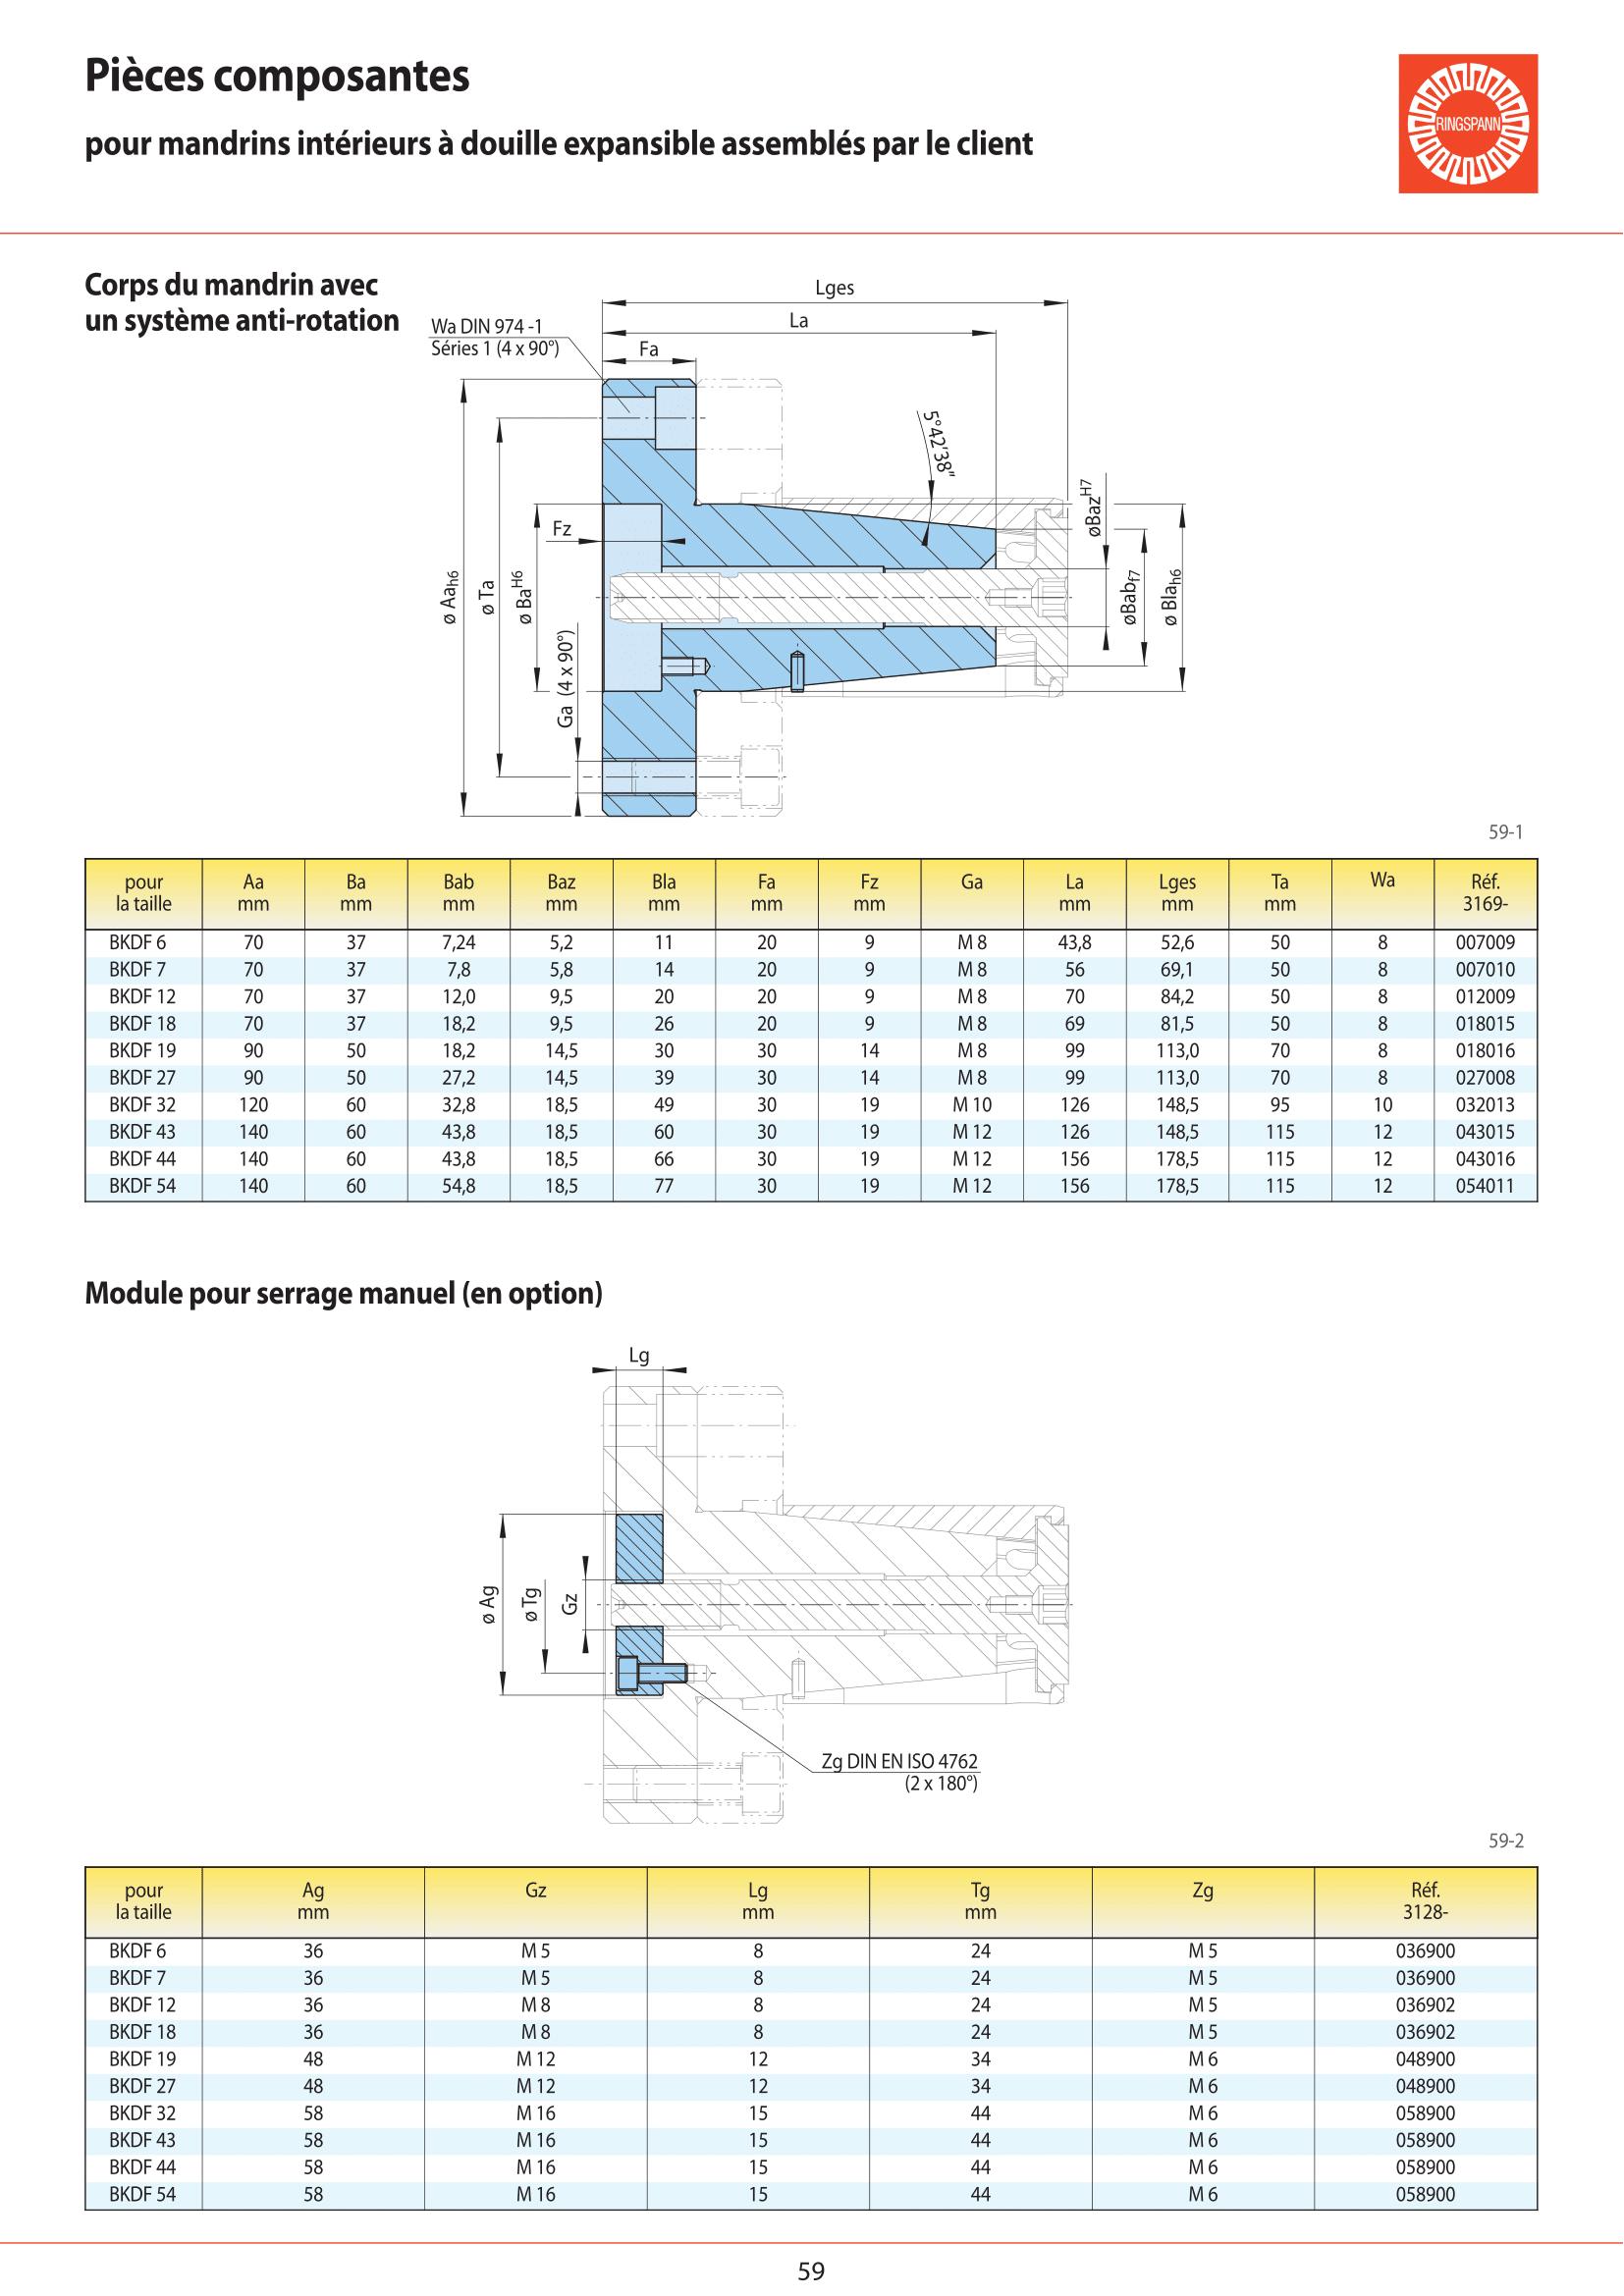 Fiche technique - BKDF 44 page 8